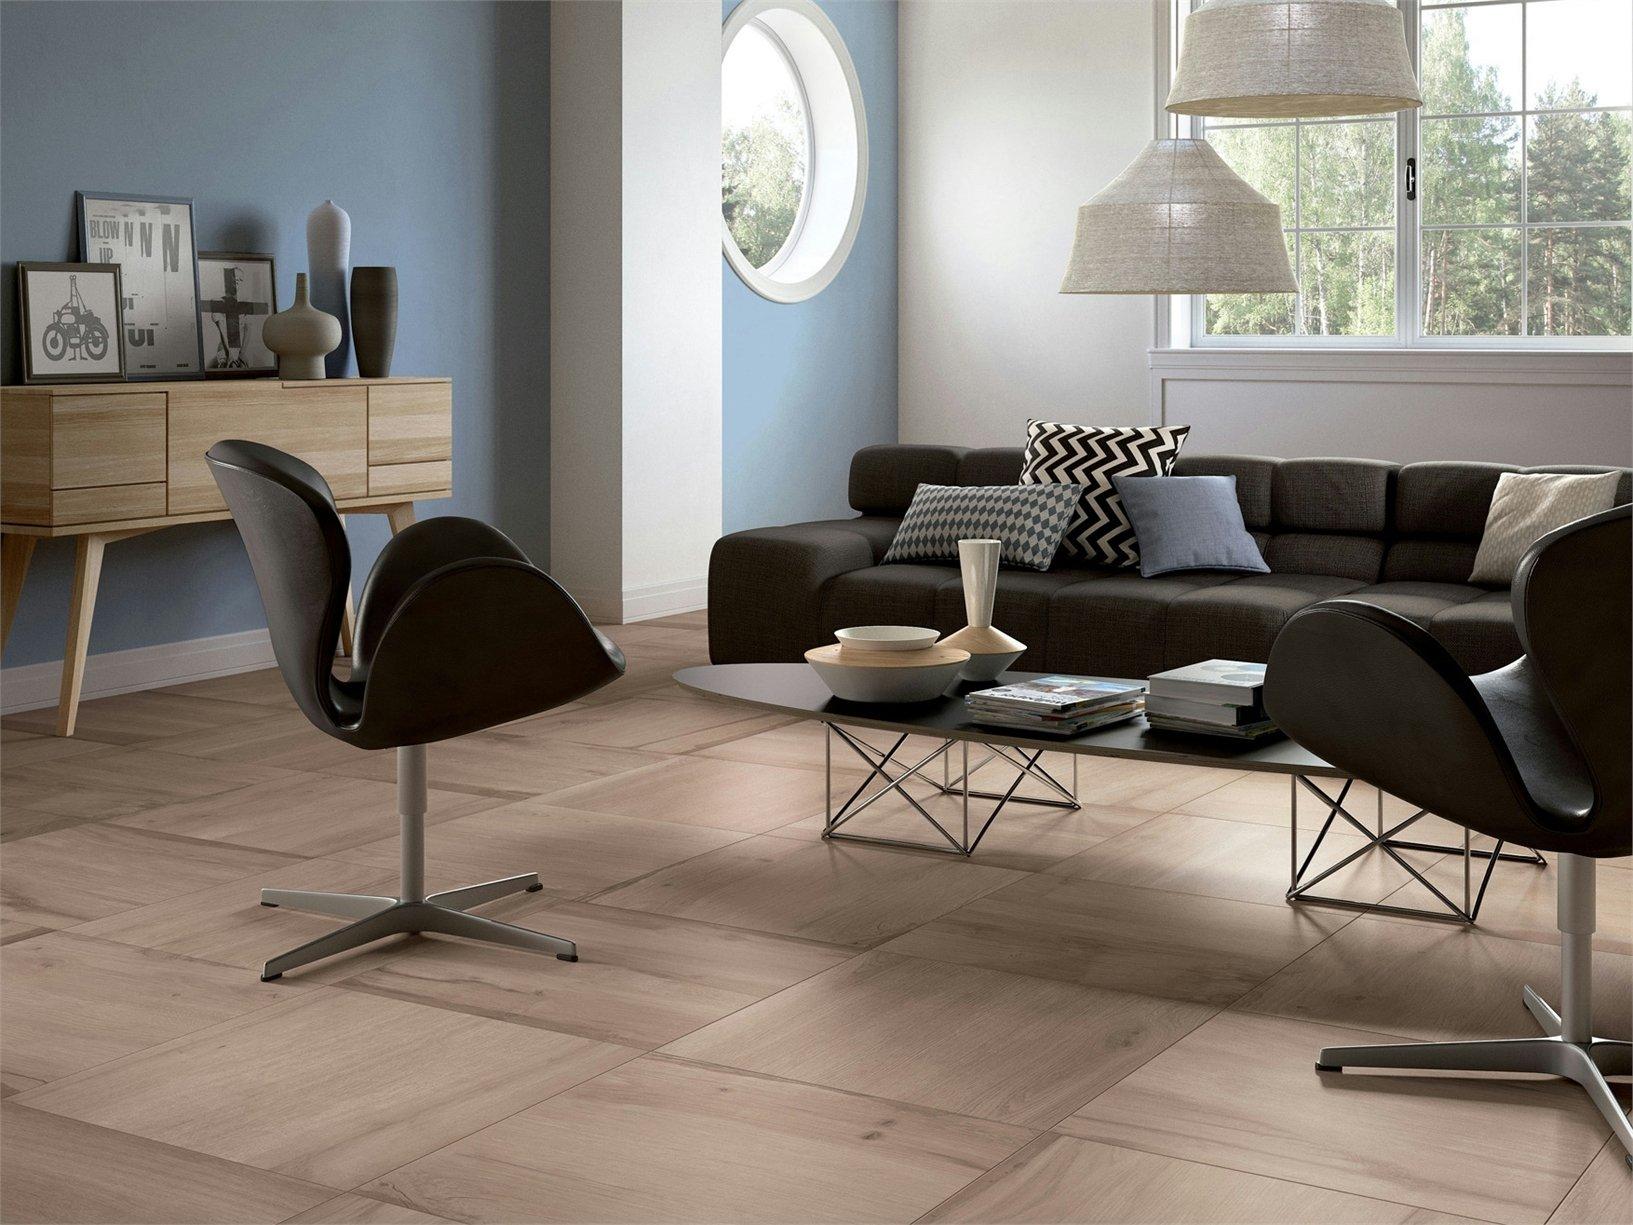 novit e originalit per le collezioni abk. Black Bedroom Furniture Sets. Home Design Ideas